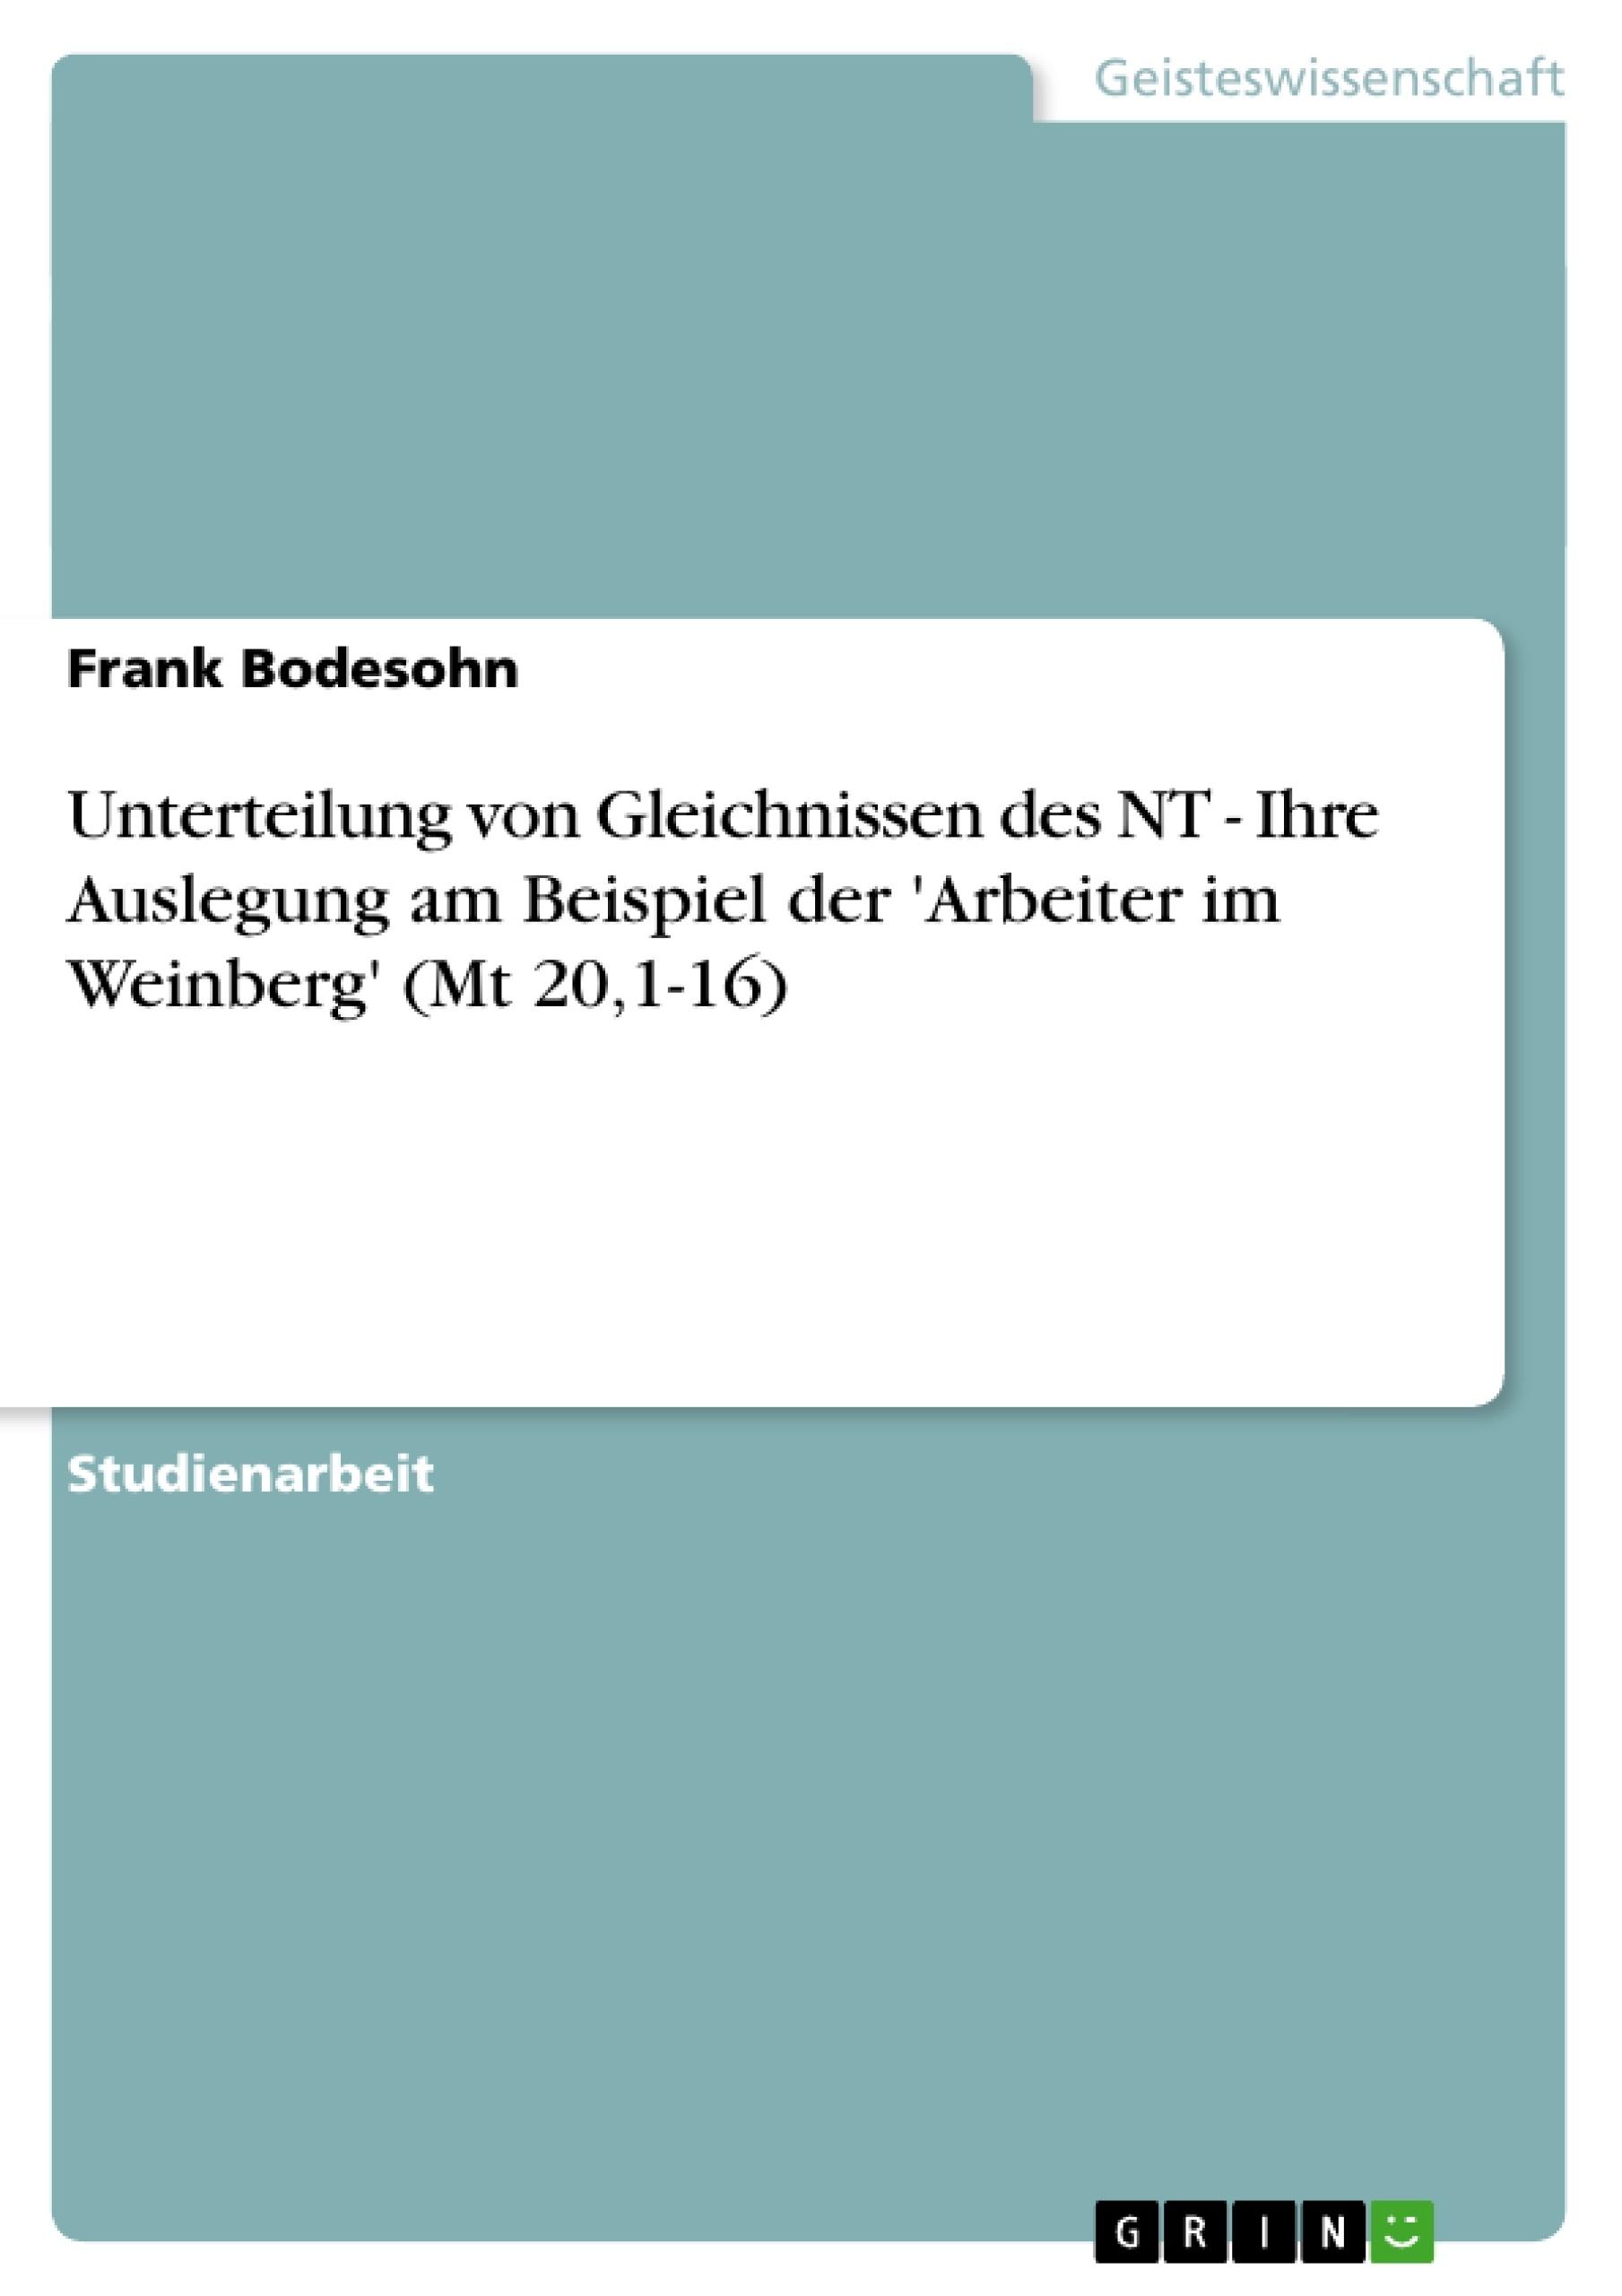 Titel: Unterteilung von Gleichnissen des NT  -  Ihre Auslegung am Beispiel der 'Arbeiter im Weinberg' (Mt 20,1-16)